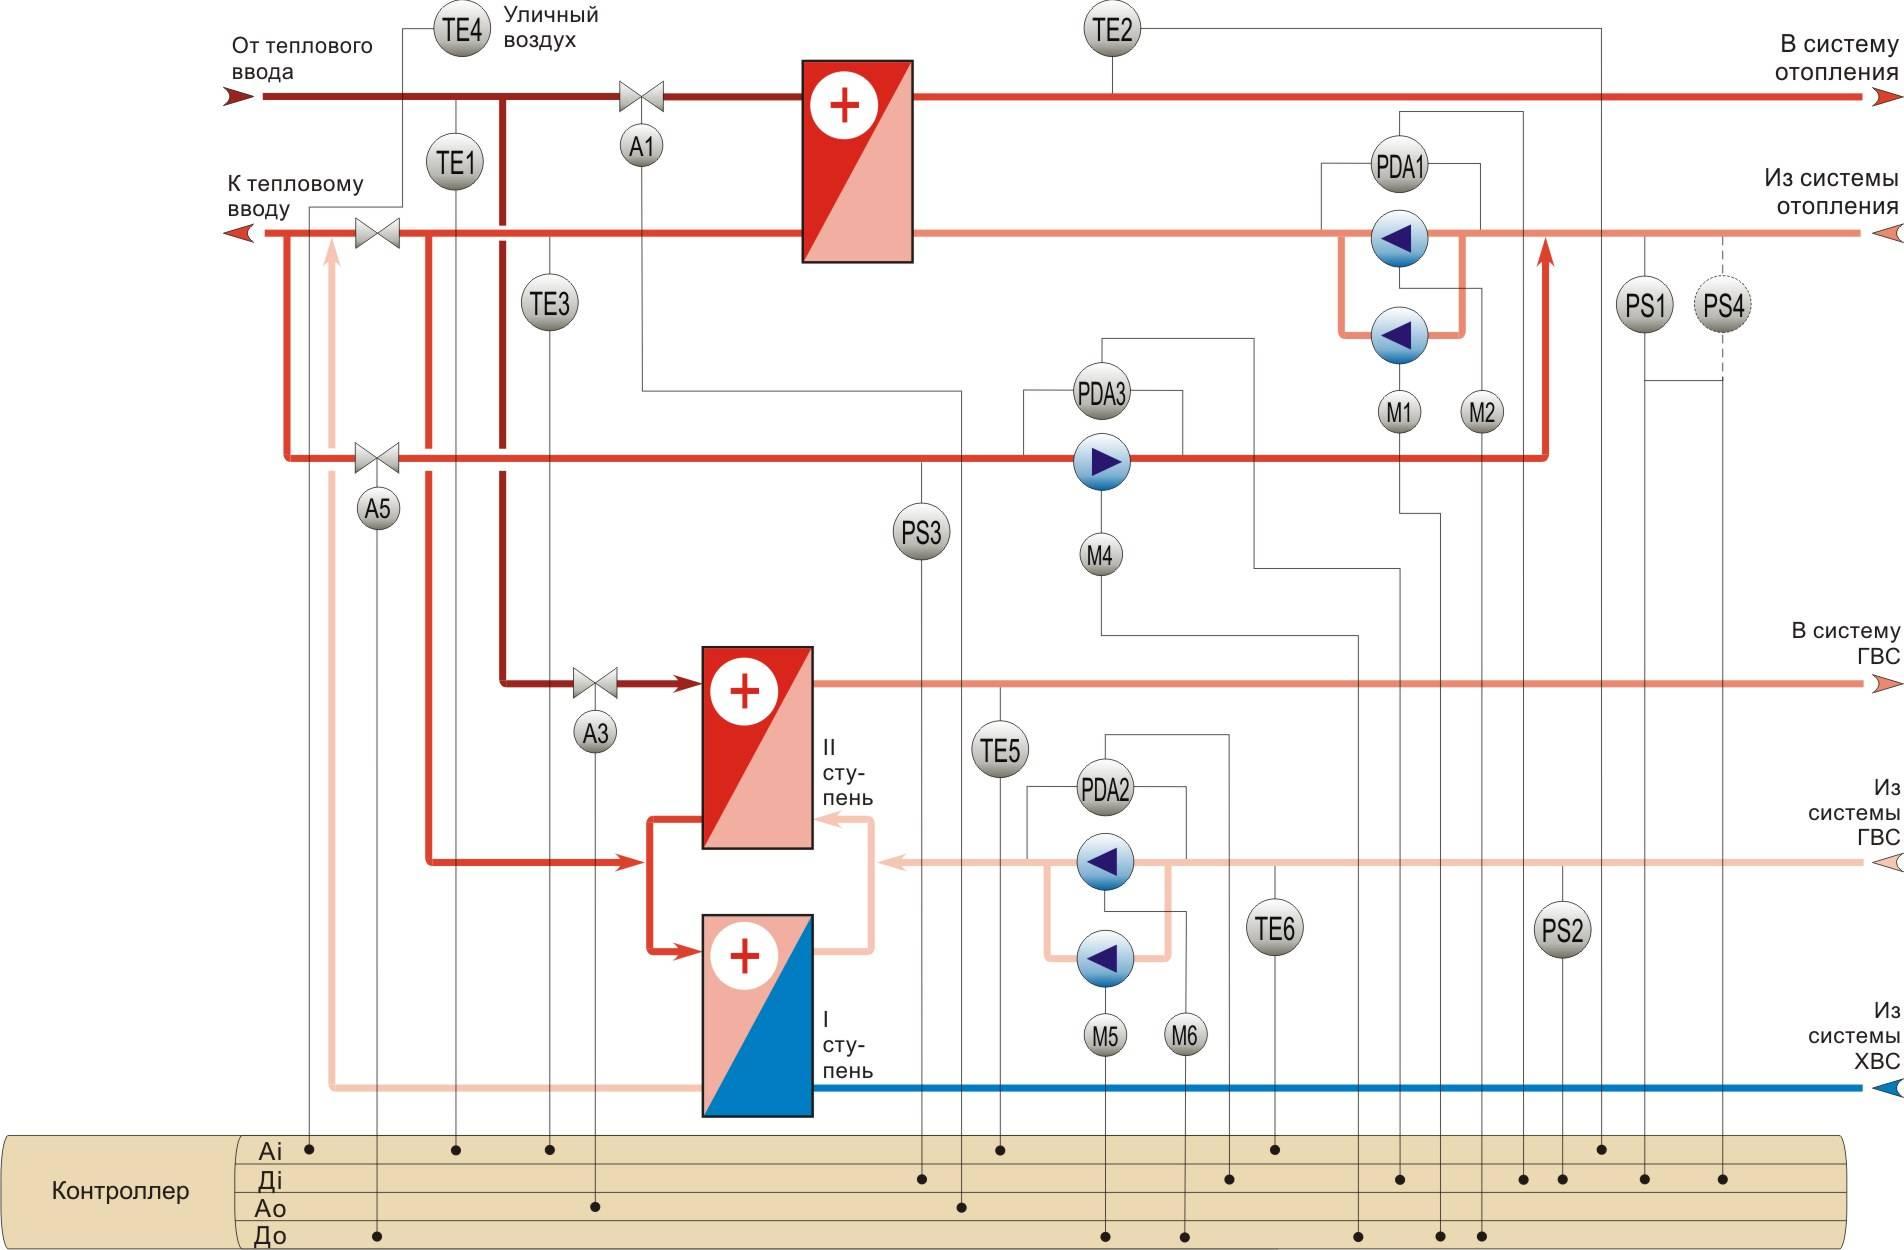 Теплоноситель для системы отопления: как выбрать, закачать